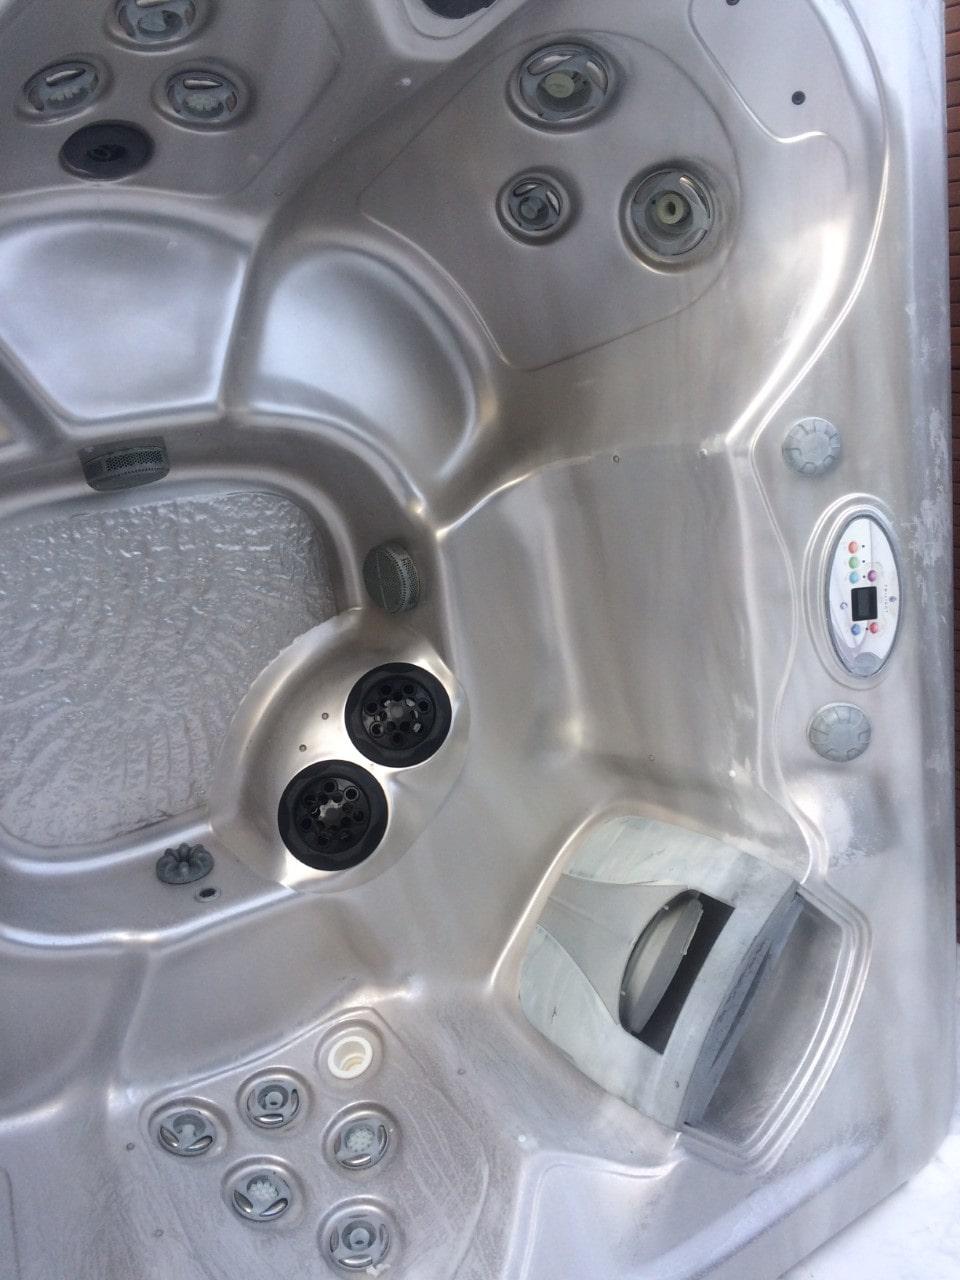 2010 Twilight 7.25 6 adult hot tub